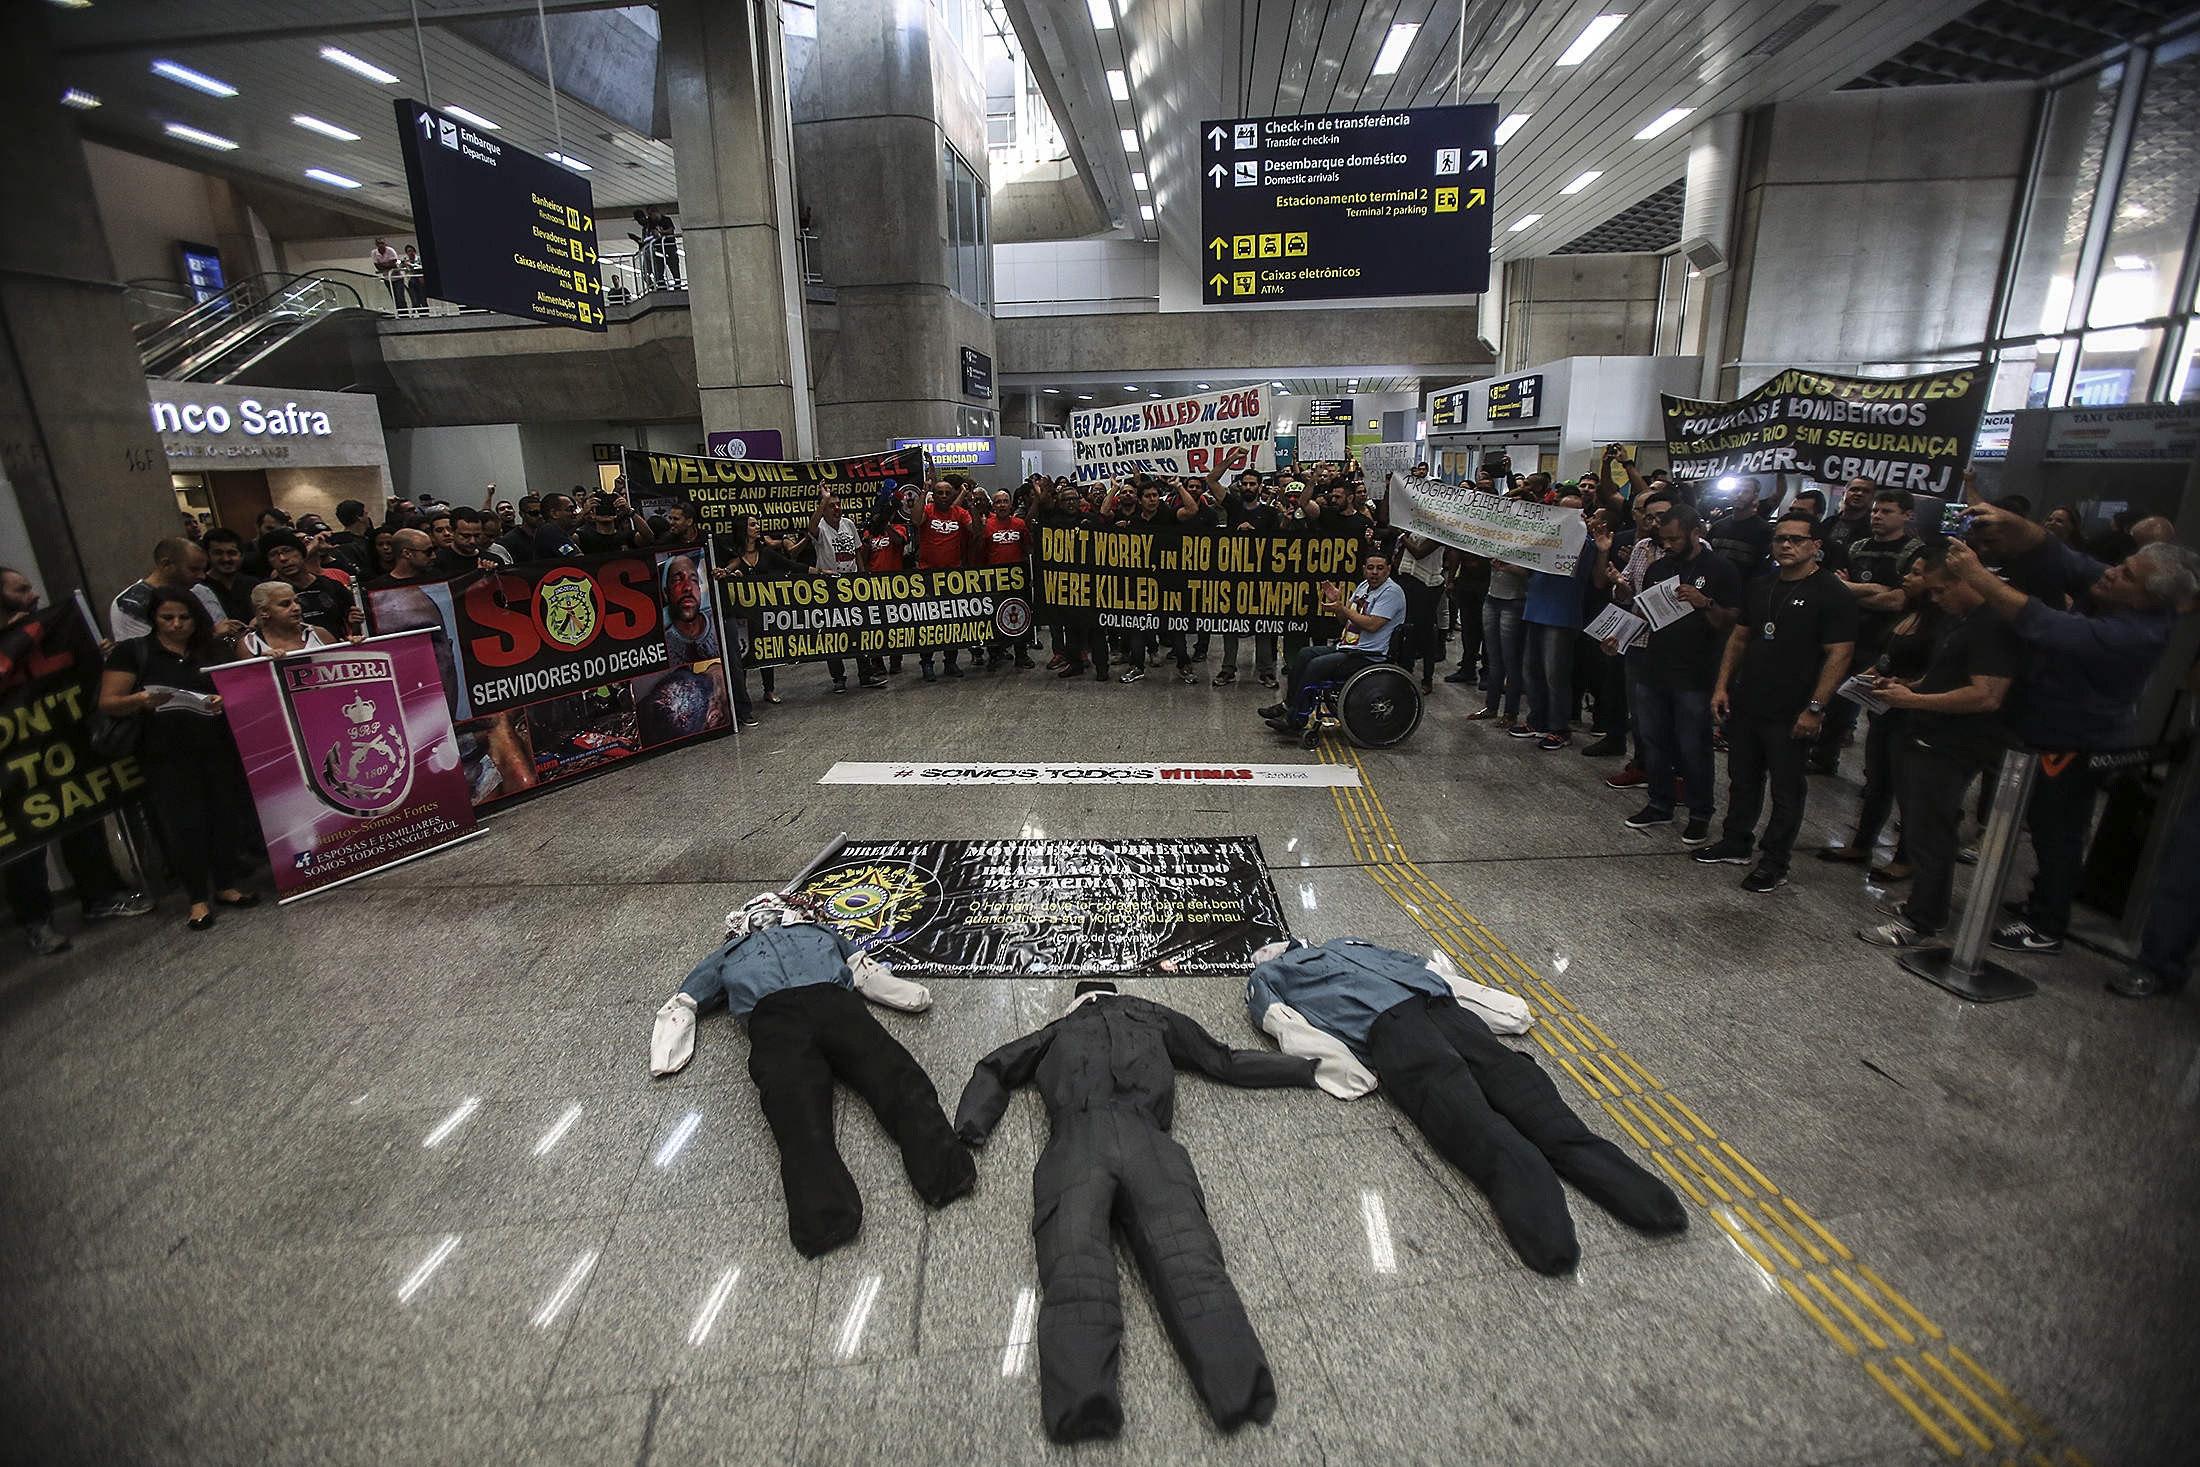 BRA06. RÍO DE JANEIRO (BRASIL), 04/07/2016.- Policías y bomberos del estado de Río de Janeiro protestan por el retraso en sus salarios y por mejores condiciones de trabajo hoy, lunes 4 de julio de 2016, en el aeropuerto internacional de Río de Janeiro (Brasil). Los manifestantes dicen no haber recibido sus salarios desde mayo y anunciaron nuevas protestas durante los Juegos Olímpicos Río 2016 si esta situación no se resuelve. EFE/Antonio Lacerda